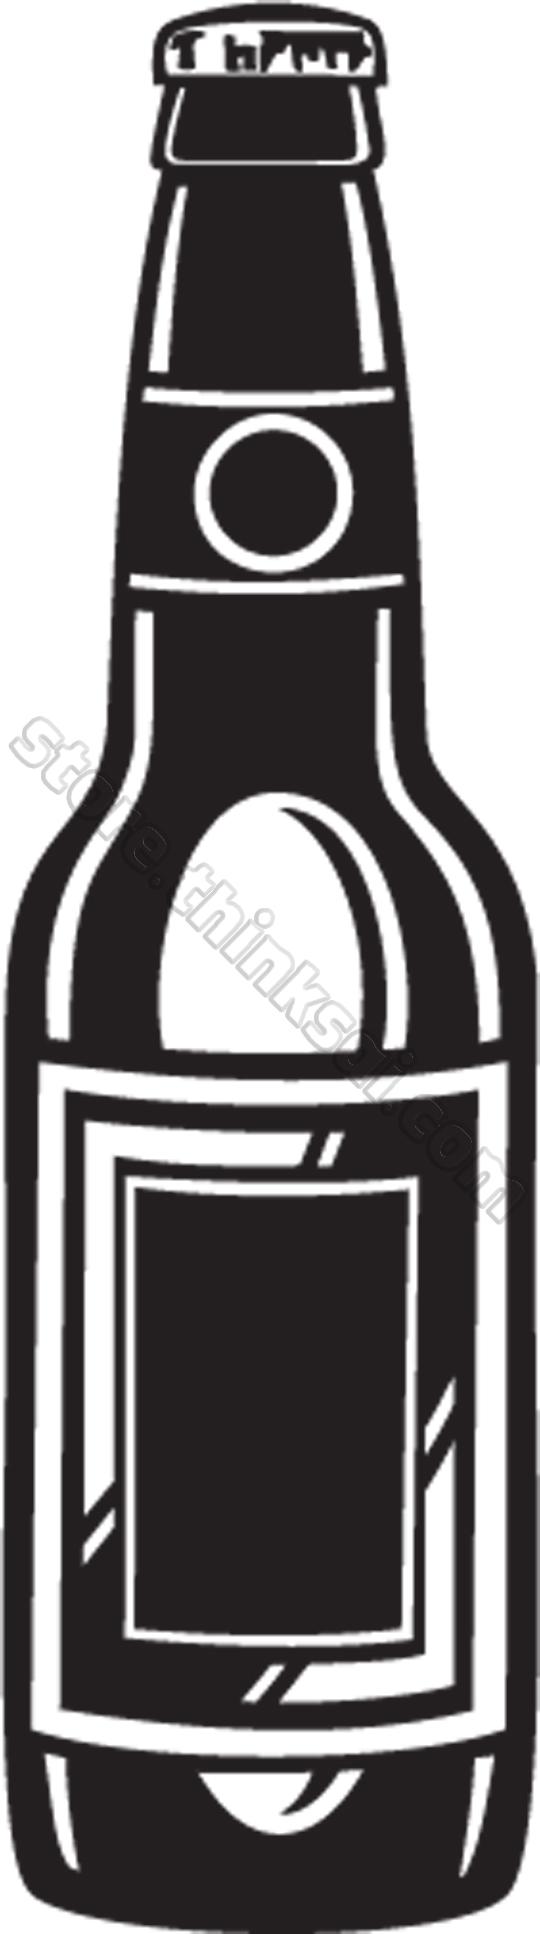 Free beer bottle clipart vector stock Beer Bottle Clipart | Free download best Beer Bottle Clipart on ... vector stock